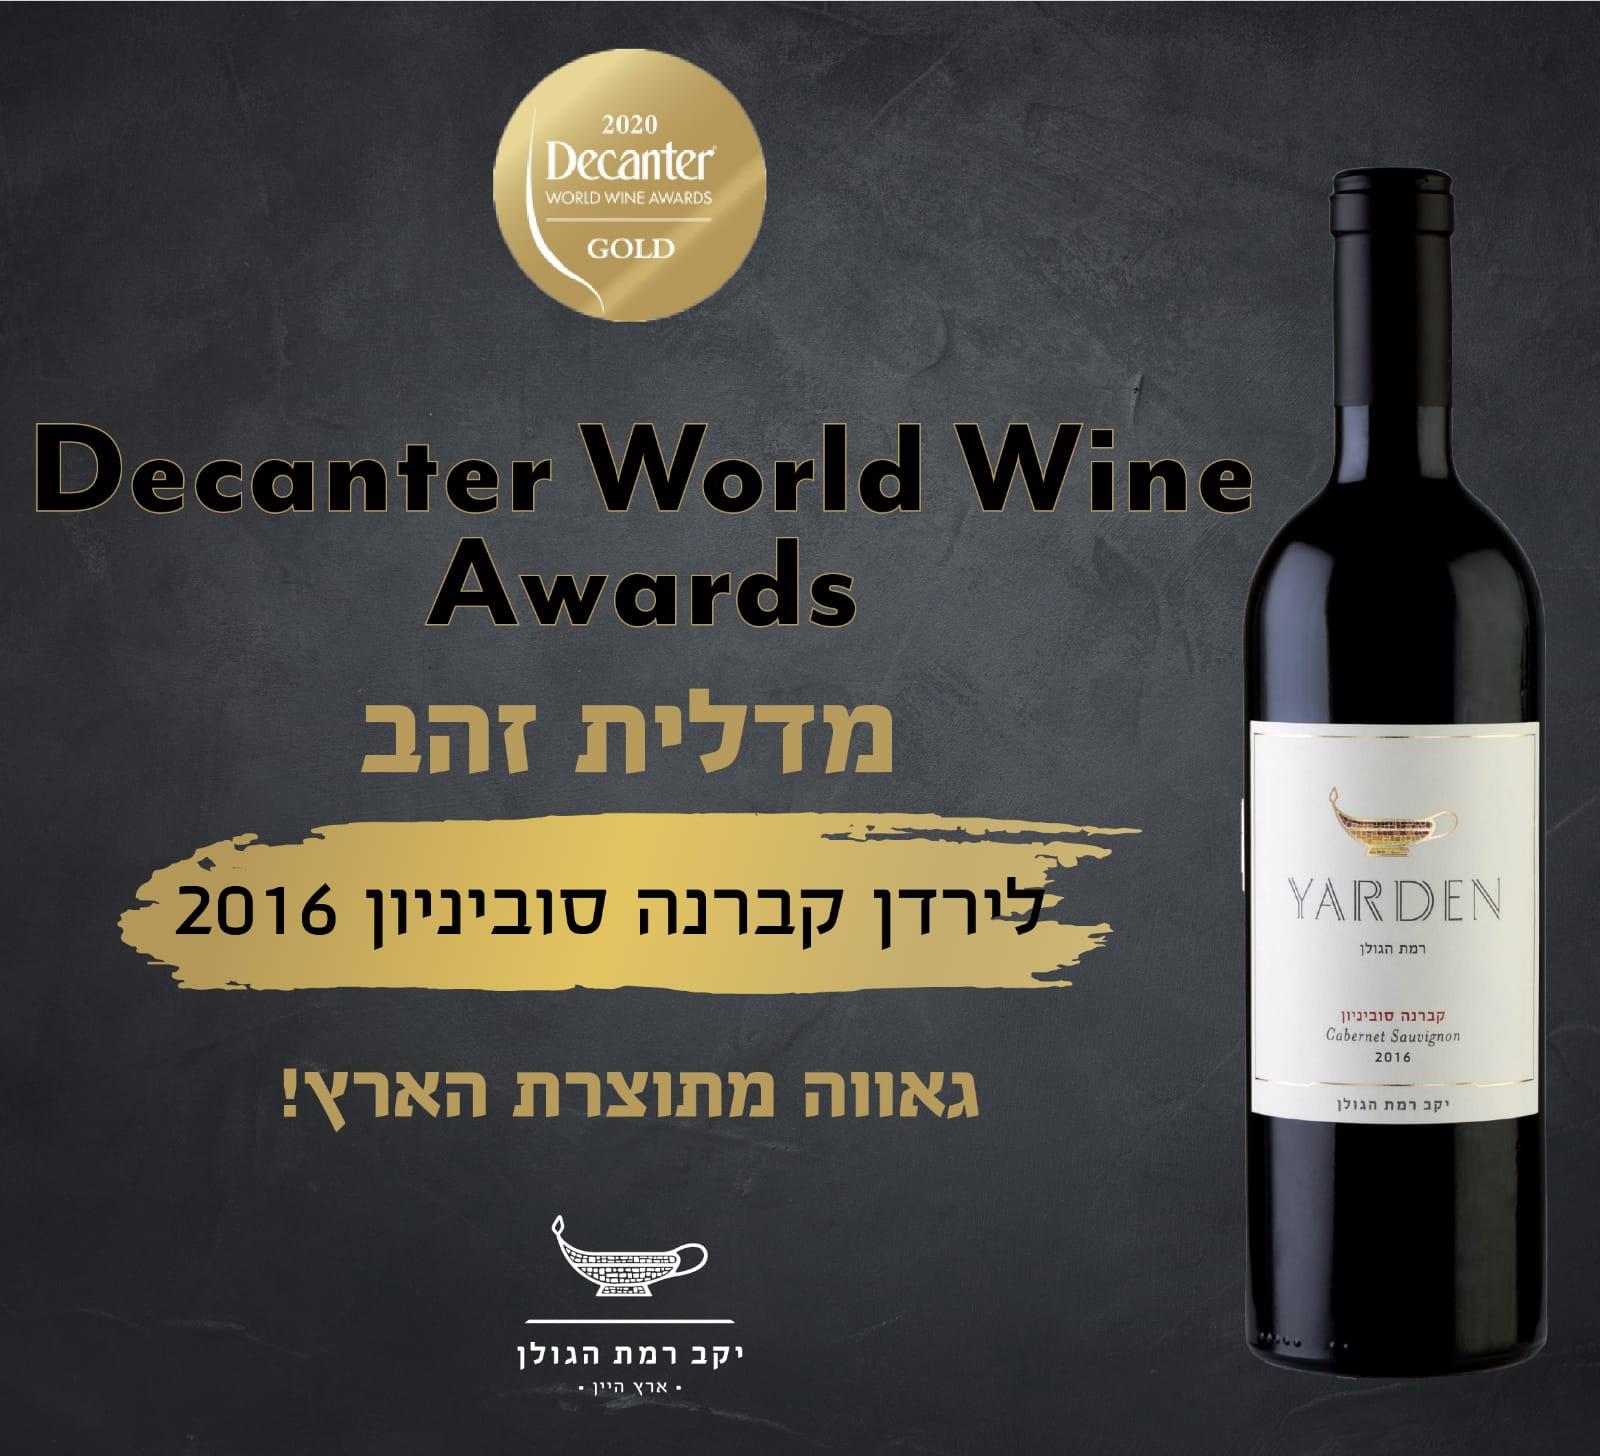 Первое израильское вино, выигравшее международный конкурс, продолжает собирать титулы и награды